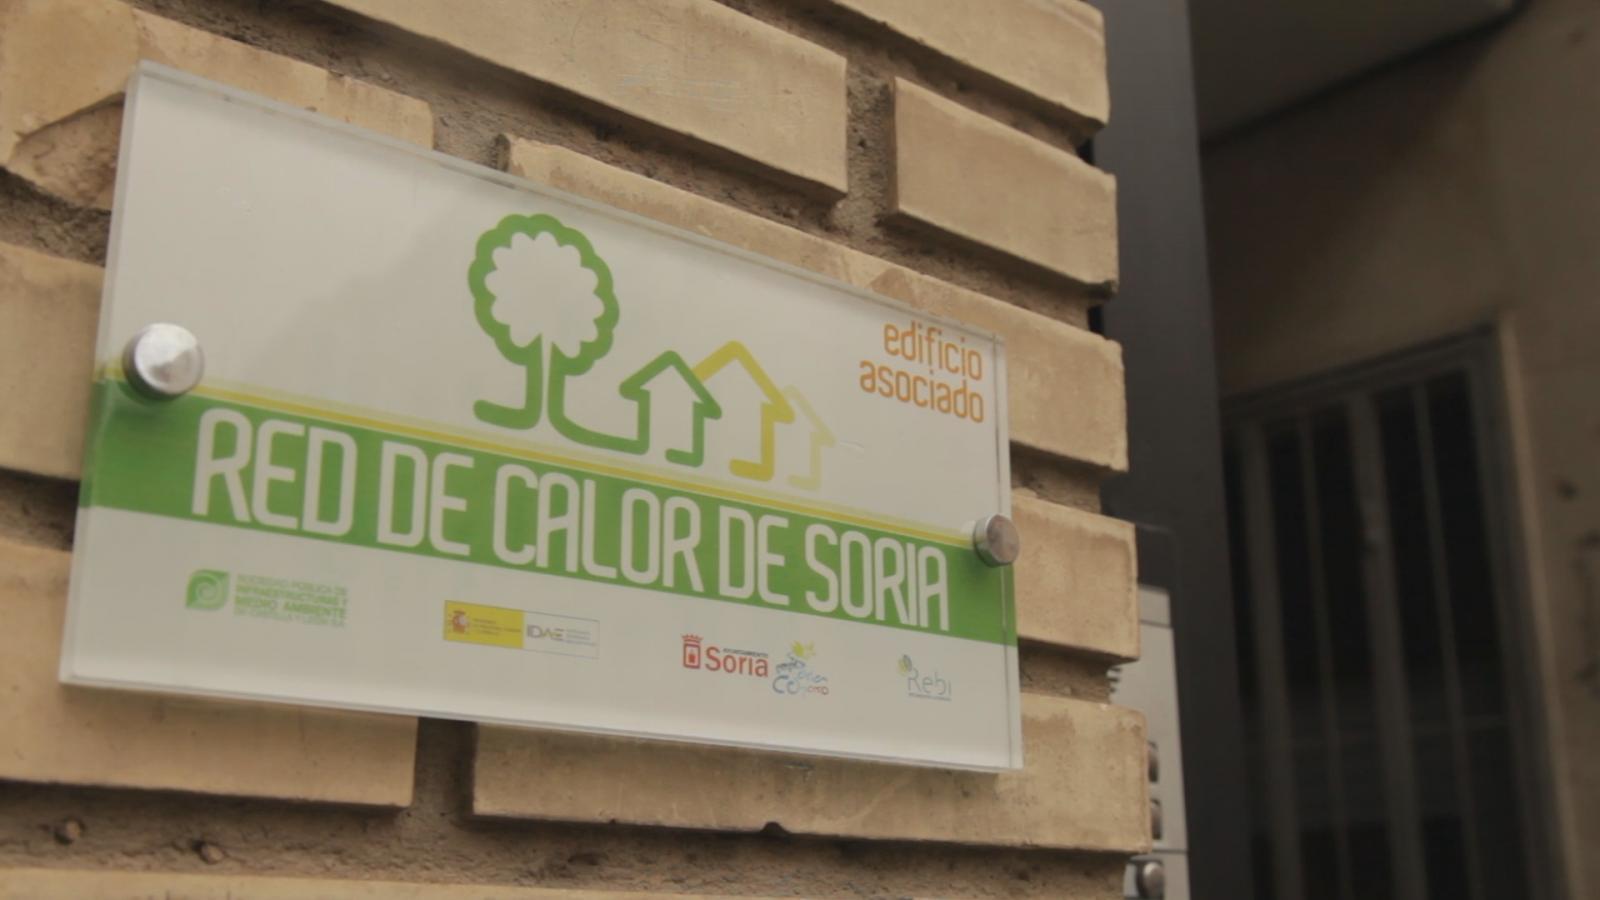 La Red de Calor de Soria continúa su funcionamiento normal durante el Estado de Alarma